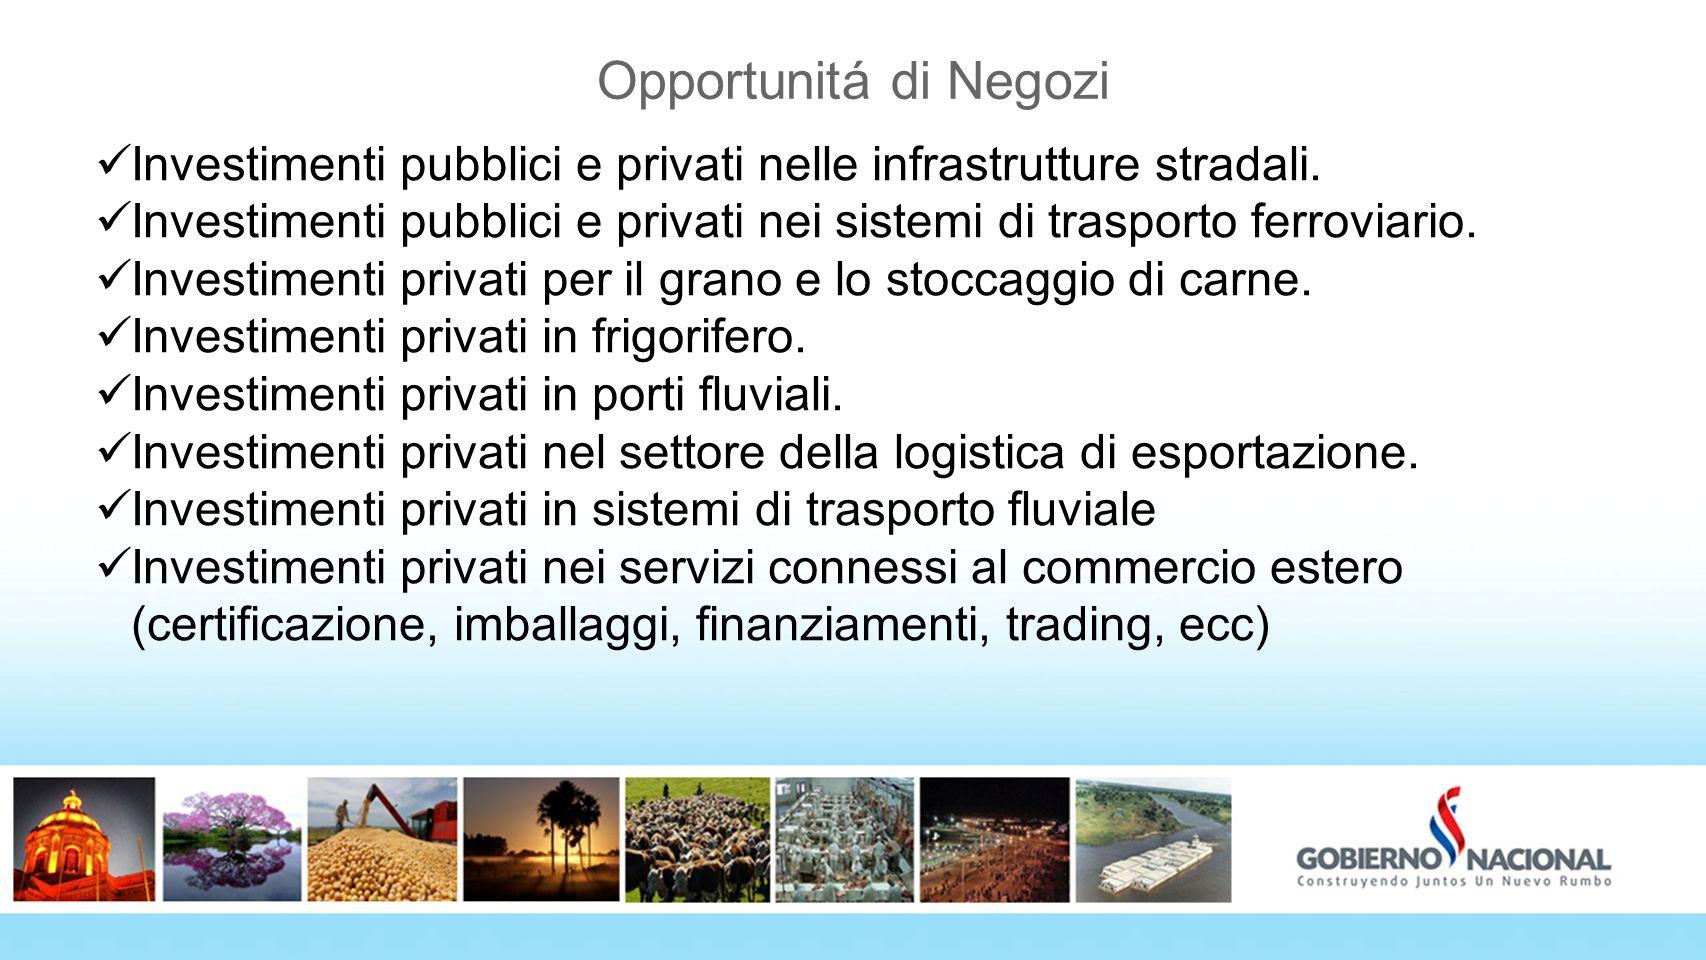 Opportunitá di Negozi Investimenti pubblici e privati nelle infrastrutture stradali. Investimenti pubblici e privati nei sistemi di trasporto ferrovia